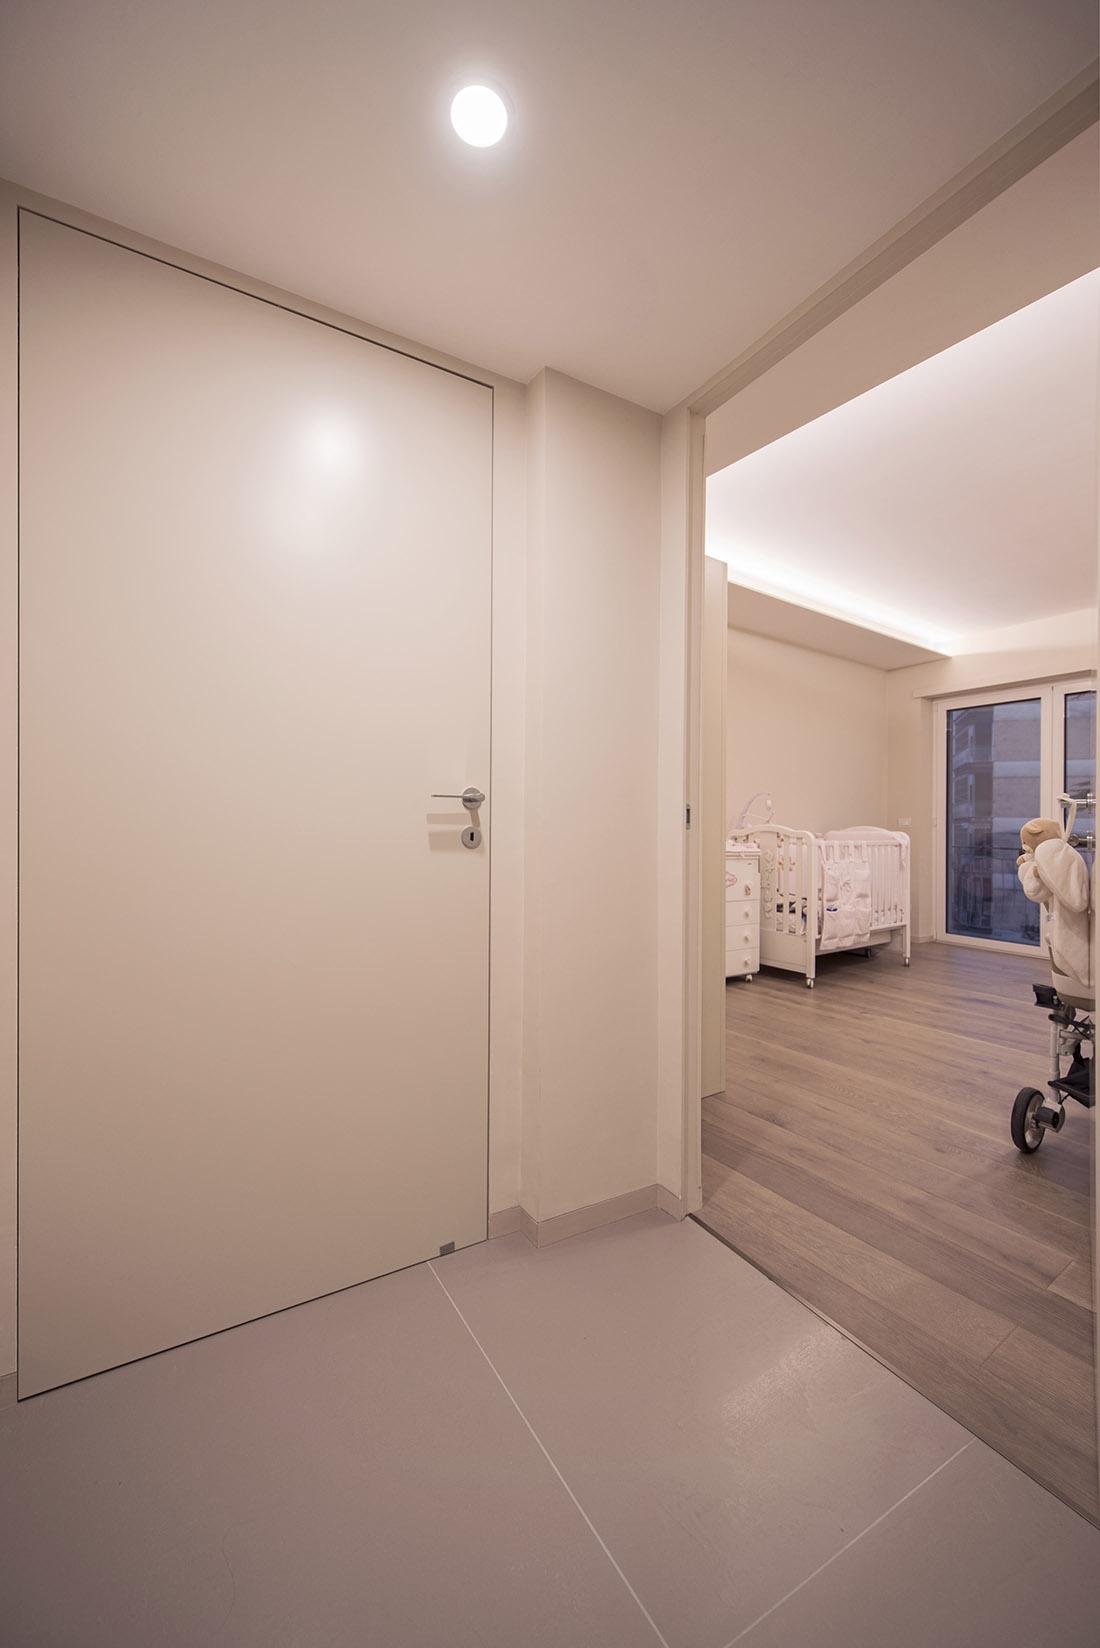 appartamento-otta2-porta-battiscopa-filomuro-cameretta-neonata-realizzazione-napoli-pucciarelli-architetti